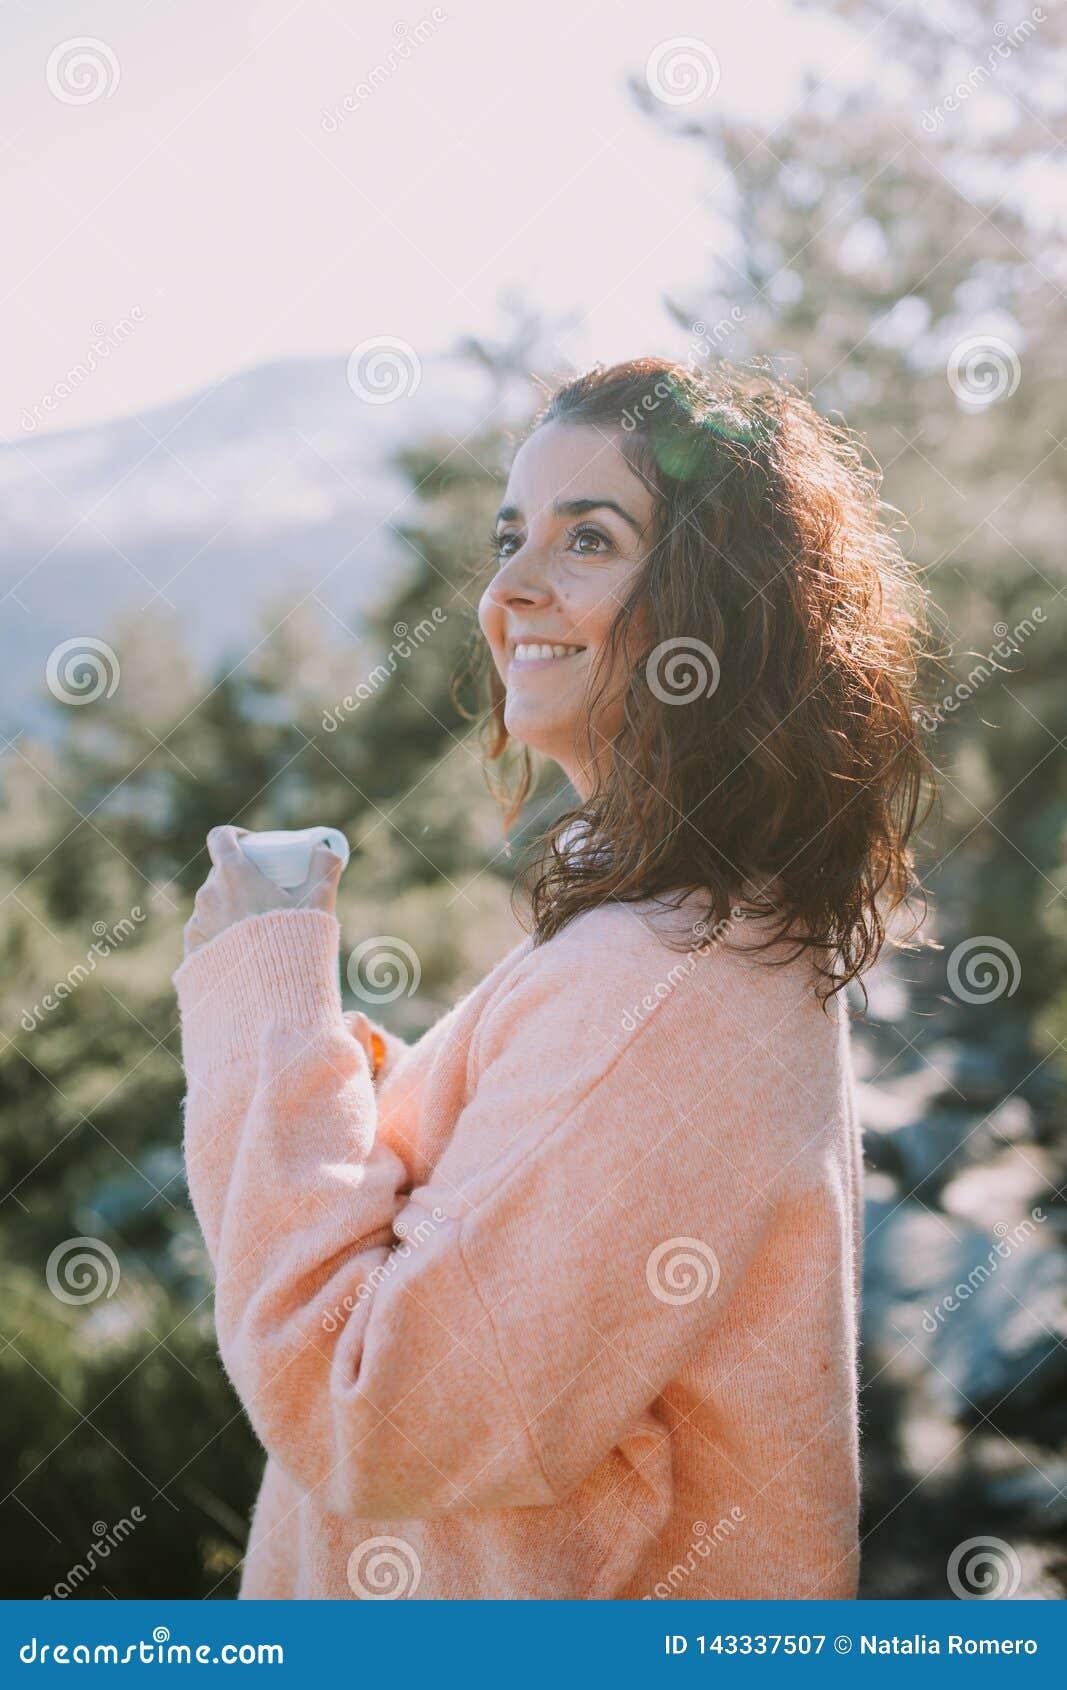 Brunetki dziewczyna ono uśmiecha się szczęśliwie gdy chwyta butelkę woda i spojrzenia przy pięknym krajobrazem przed ona